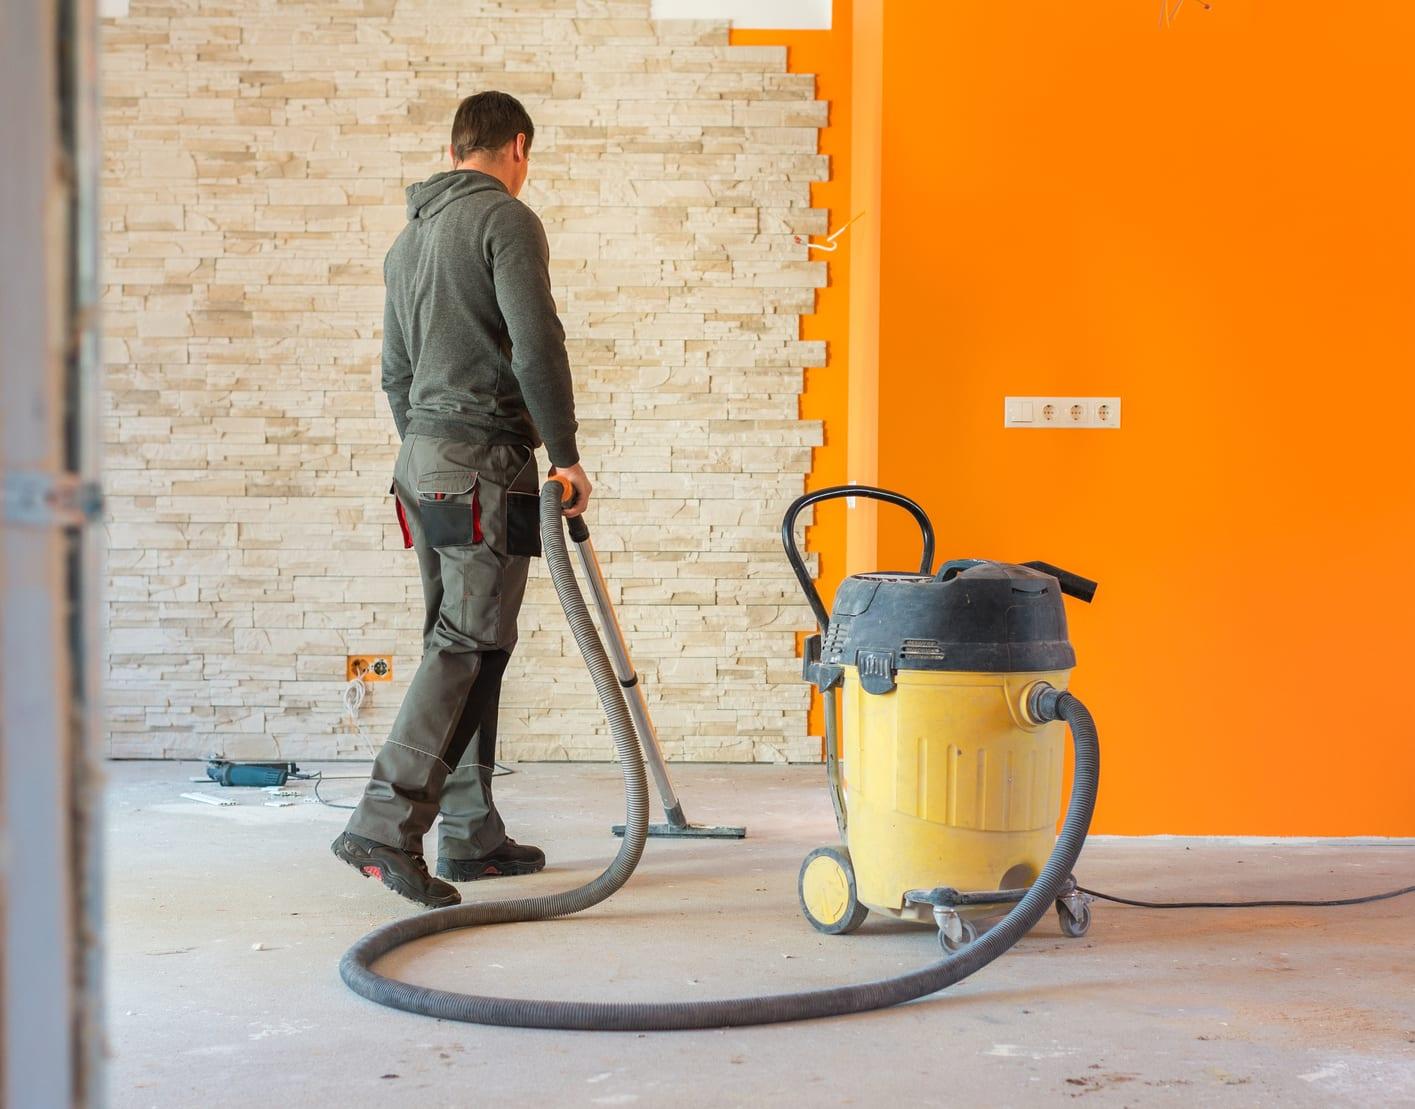 person using wet/dry vacuum